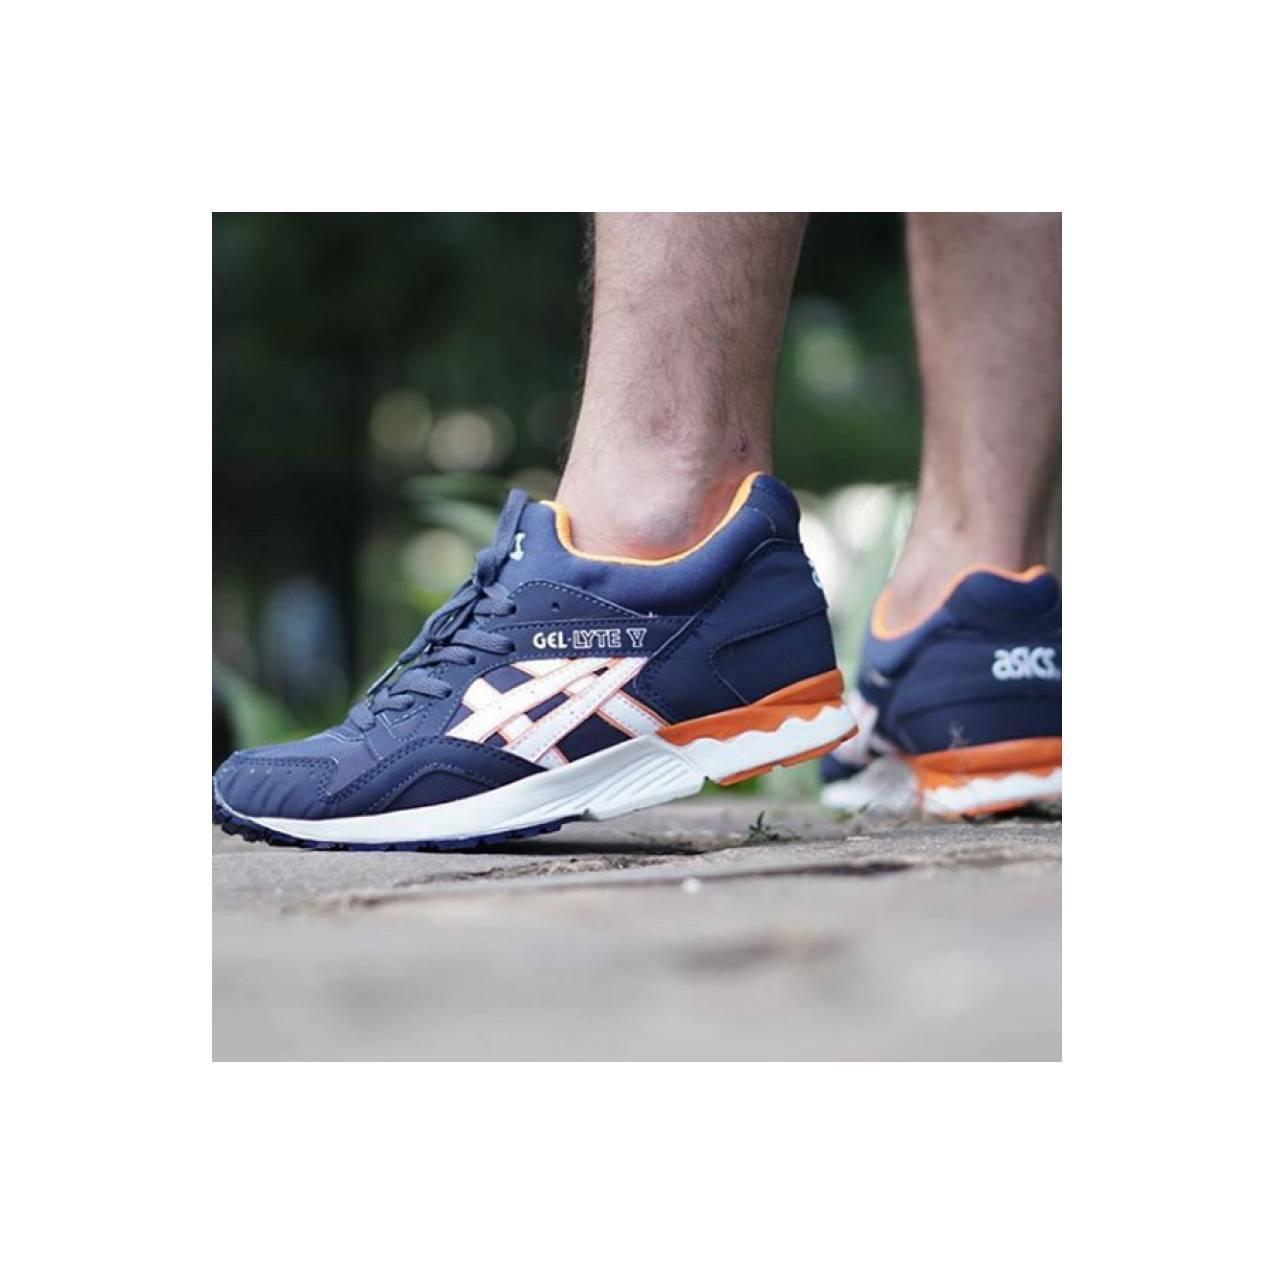 Sepatu Asics Gel Lyte V 01 - Olahraga Sneaker Running